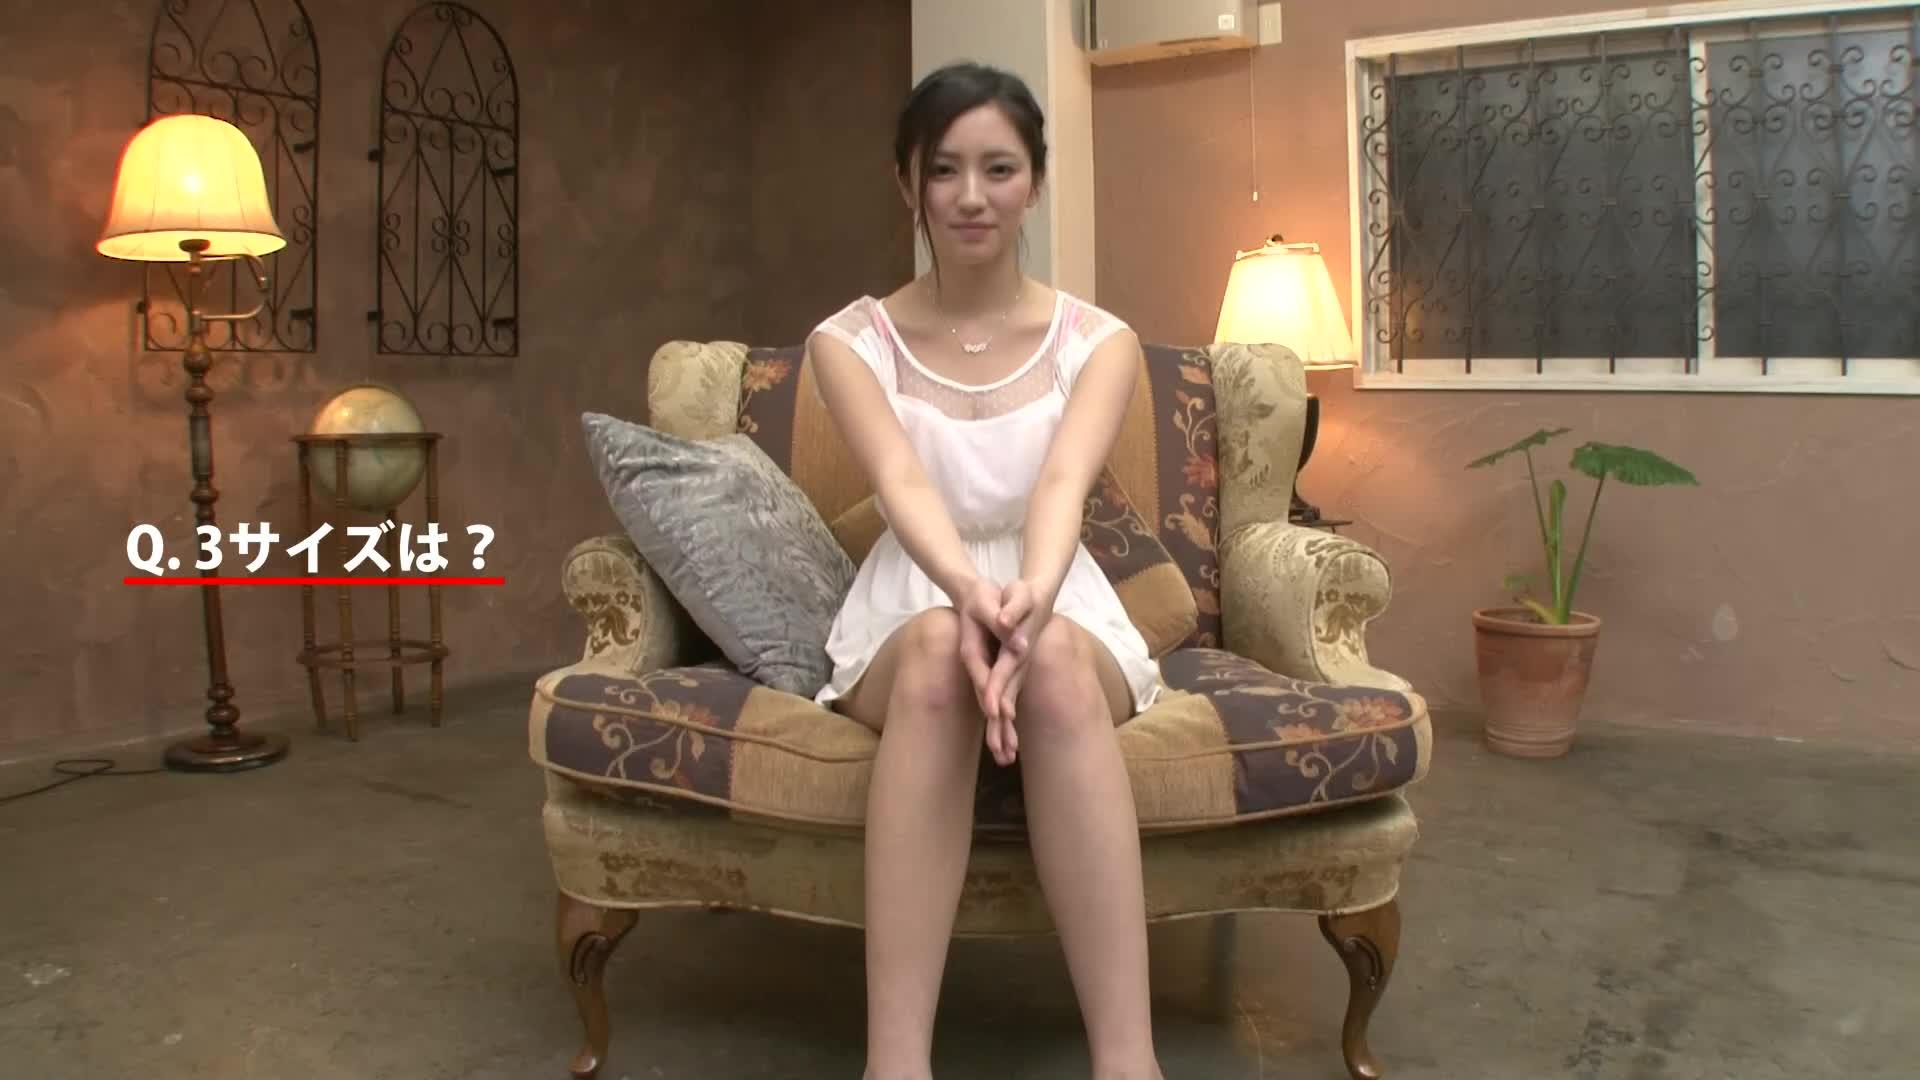 【桃谷エリカ】100年に一度の美女と呼ばれた美女のデビュー作!